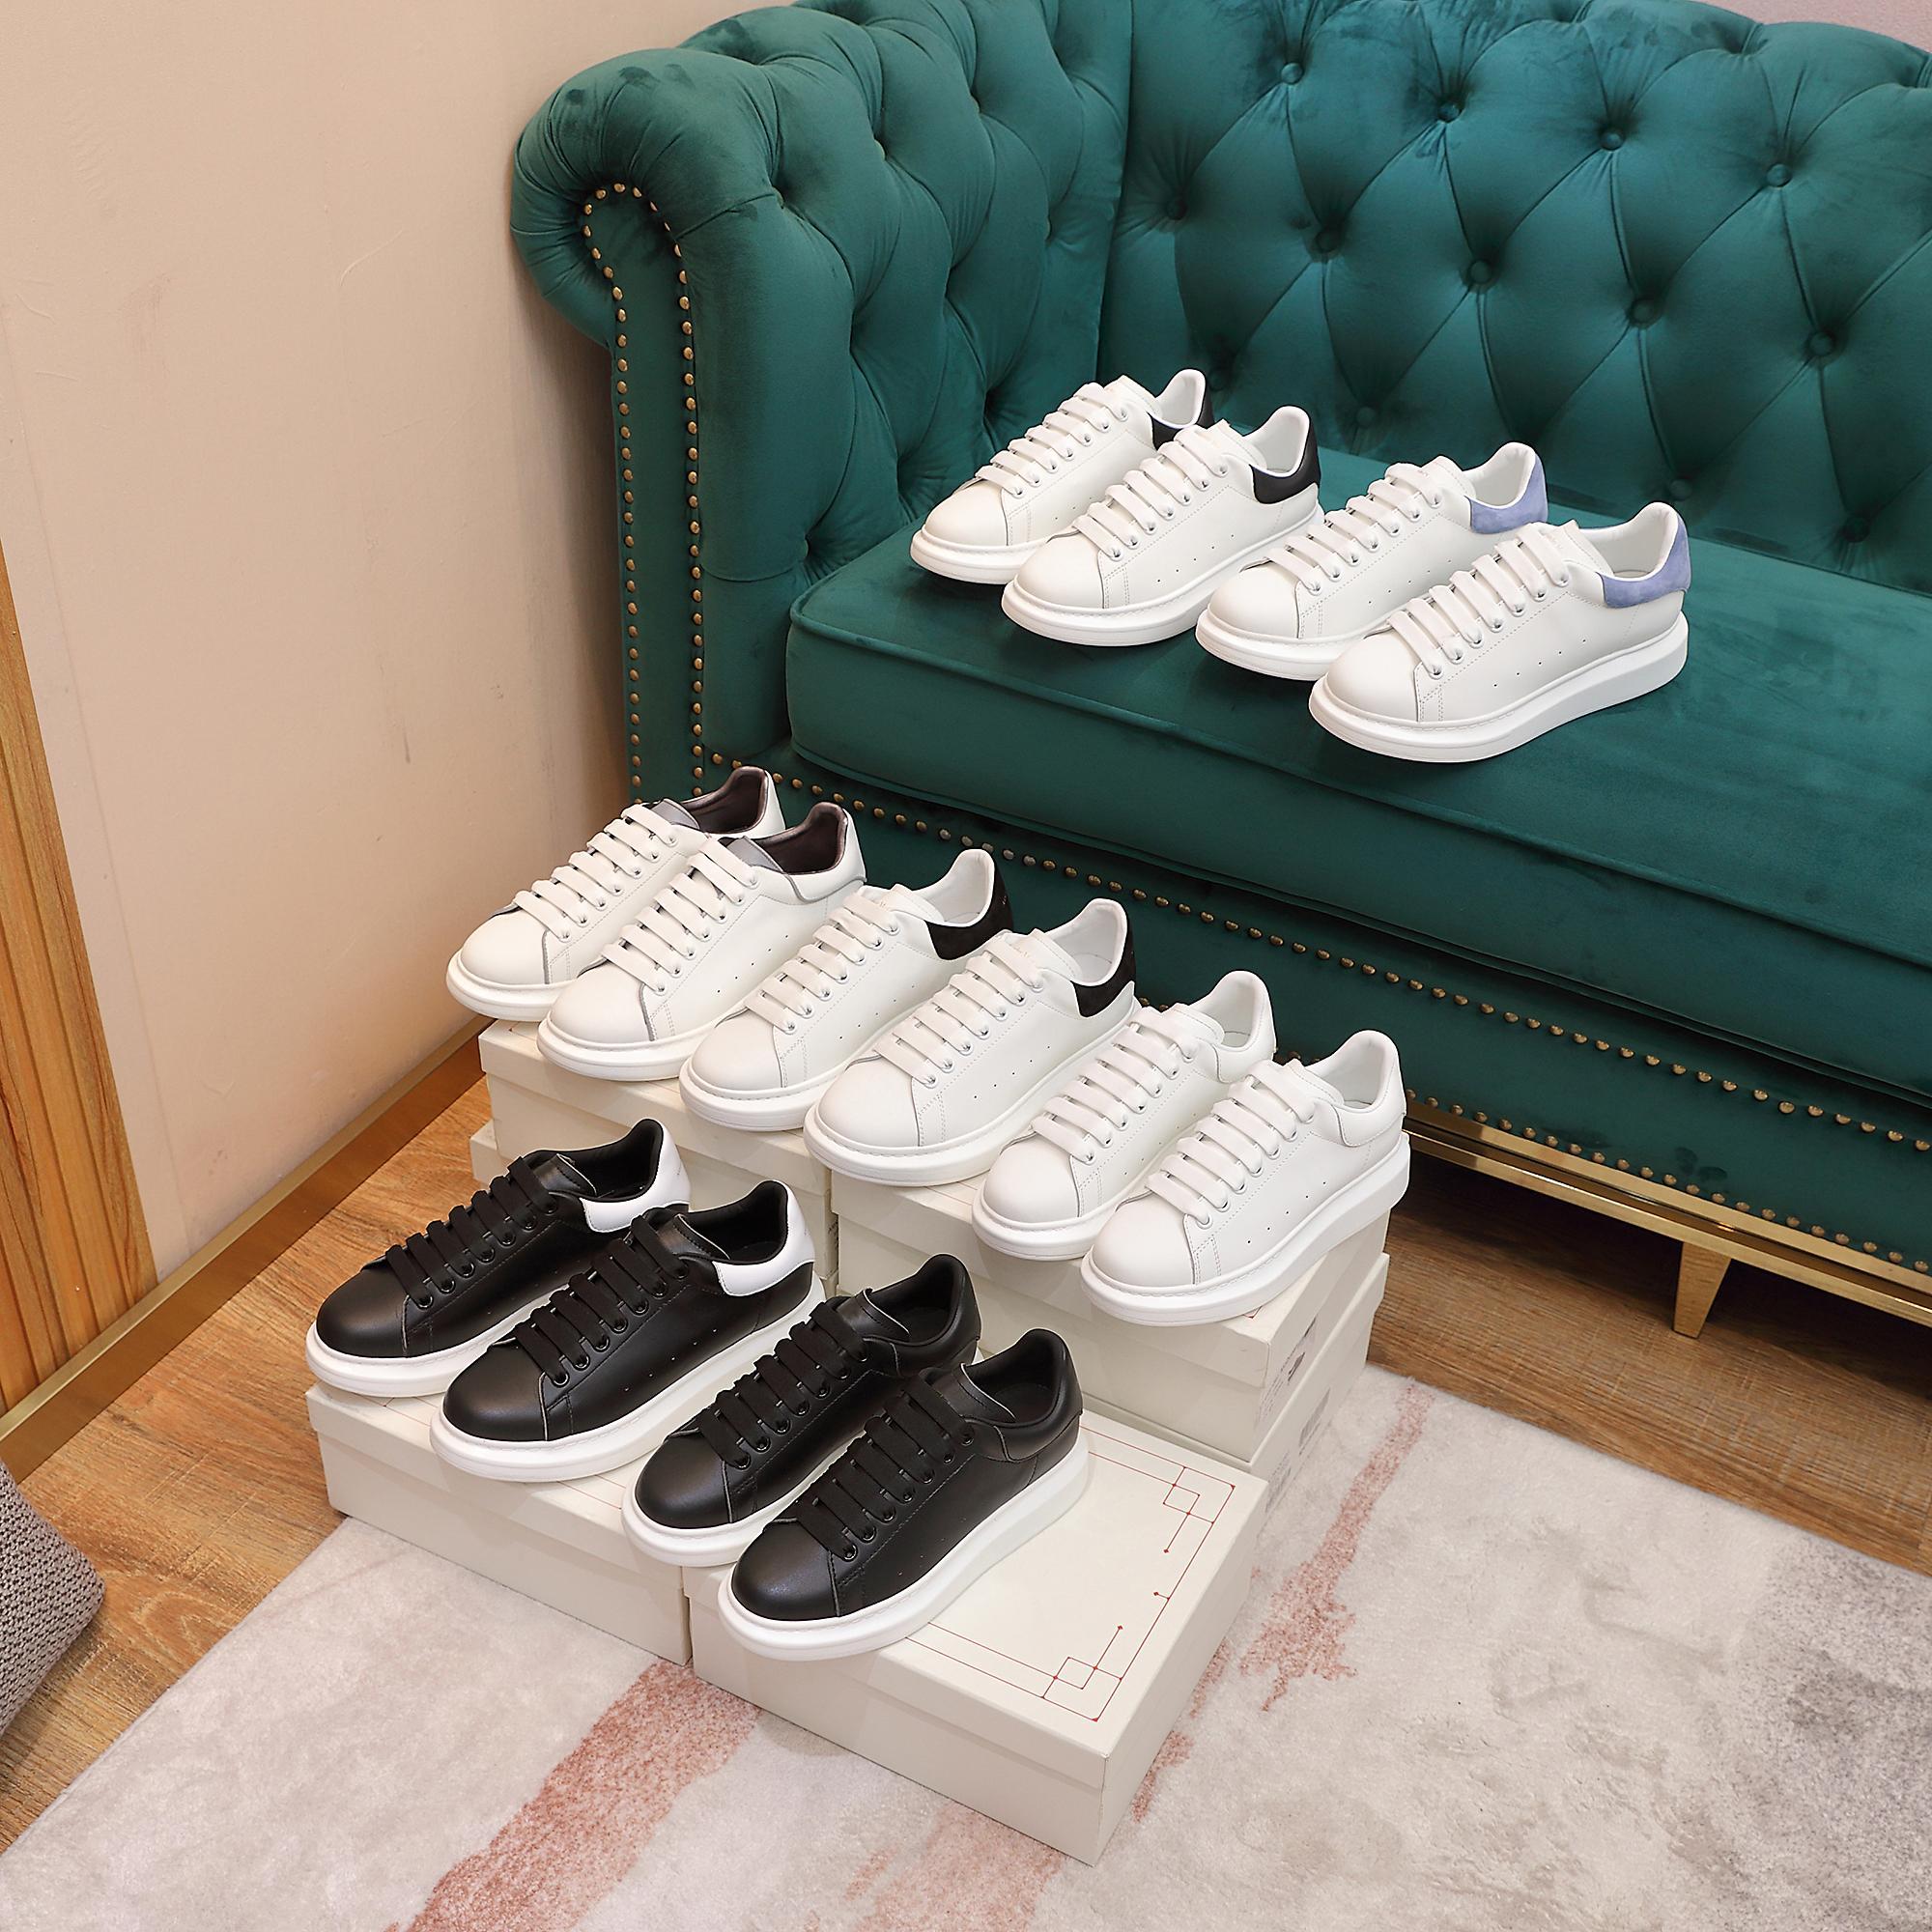 2021 hombres mujeres blancas zapatos casuales diseñador plano zapatos casuales reflectante tres en uno en blanco y negro de cuero de cuero zapatos casuales